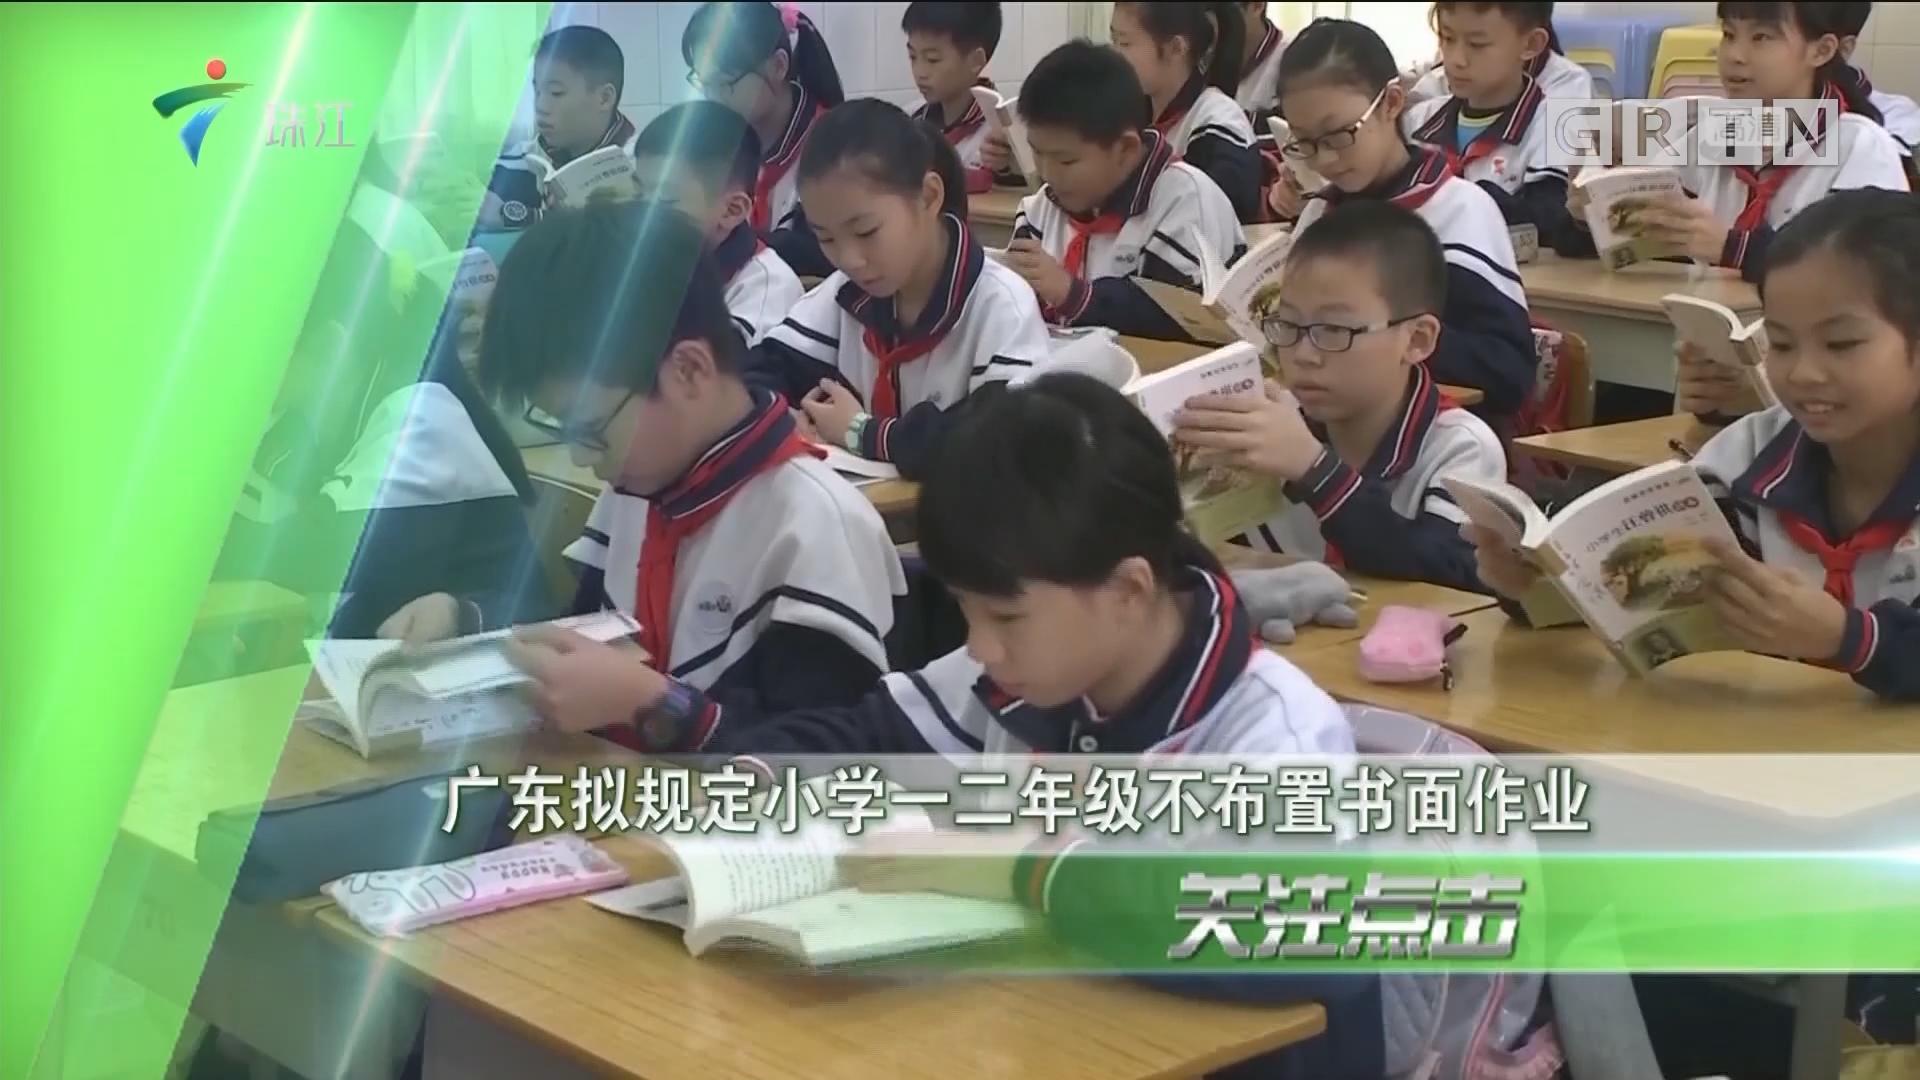 广东拟规定小学一二年级不布置书面作业